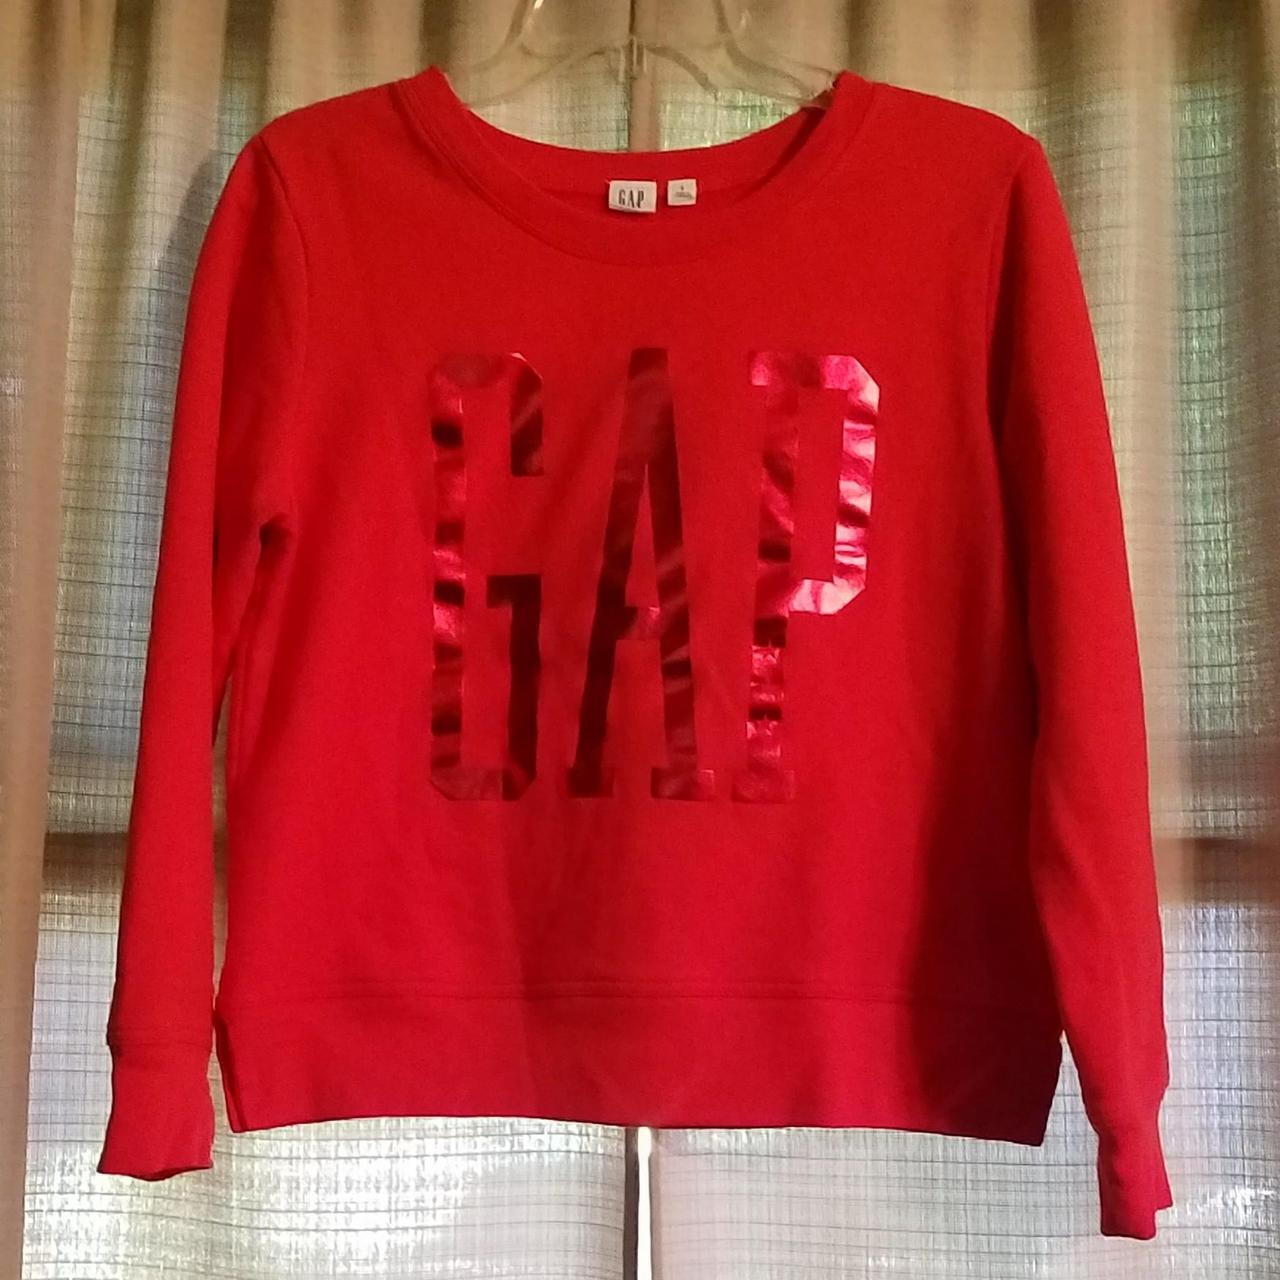 Product Image 1 - Gap women's crew neck sweatshirt.